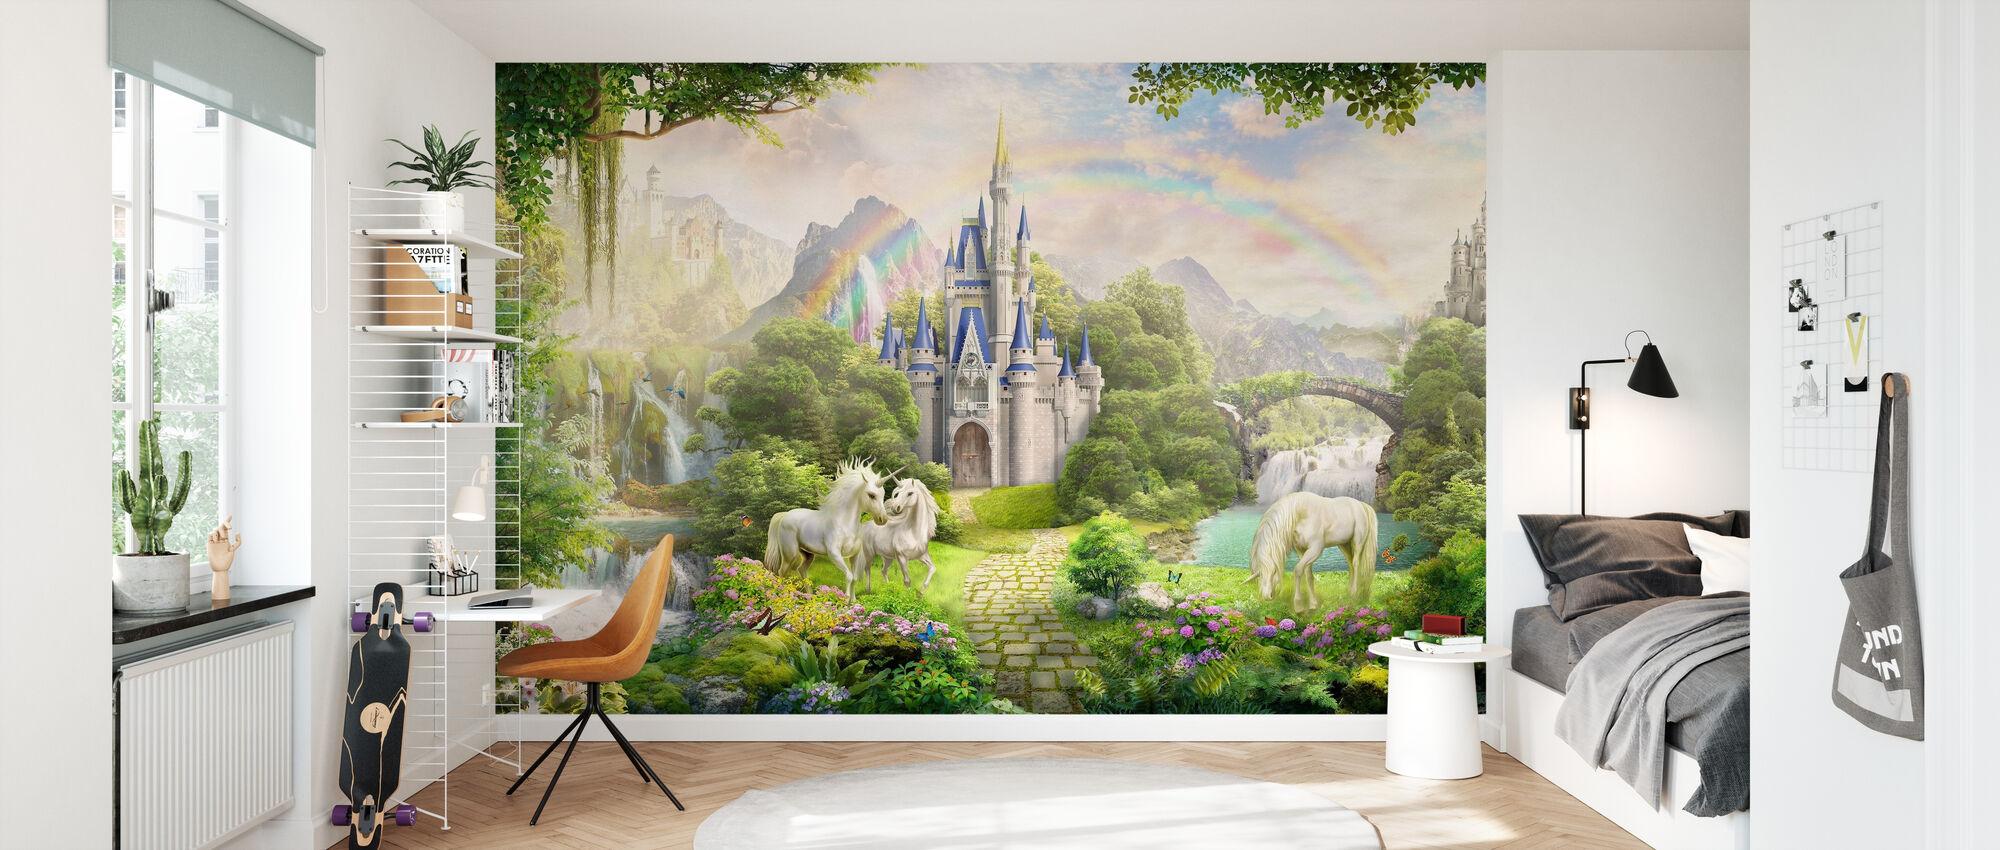 Unicorns Residence - Wallpaper - Kids Room